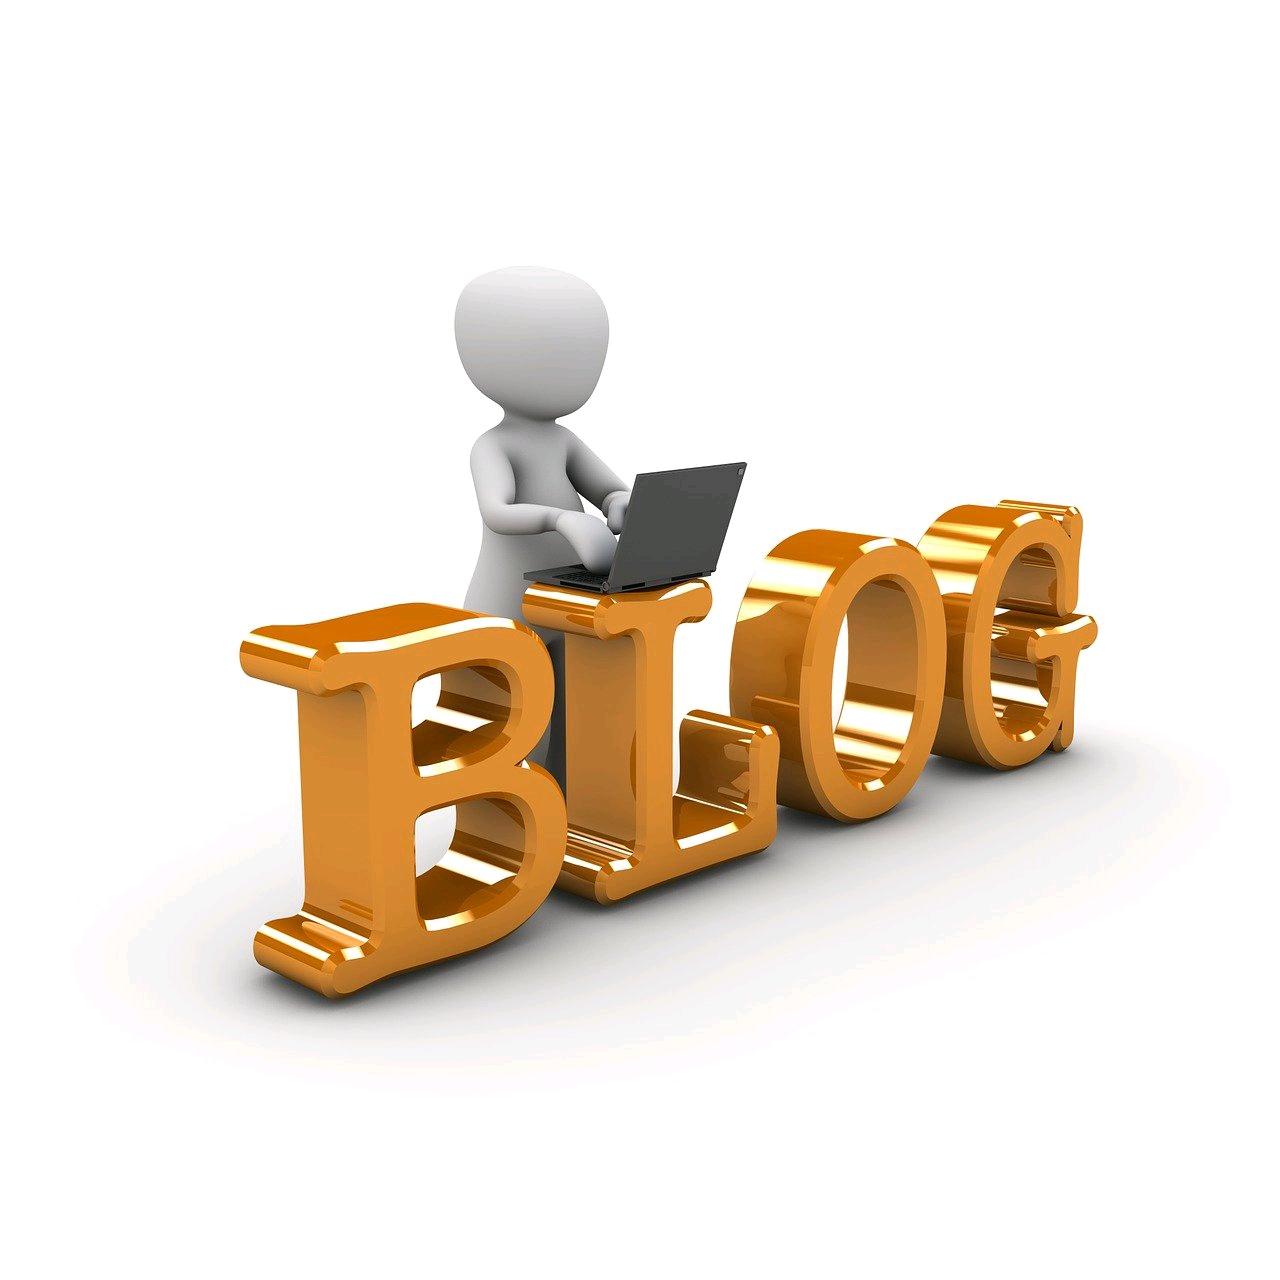 ब्लॉग कसा बनवायचा